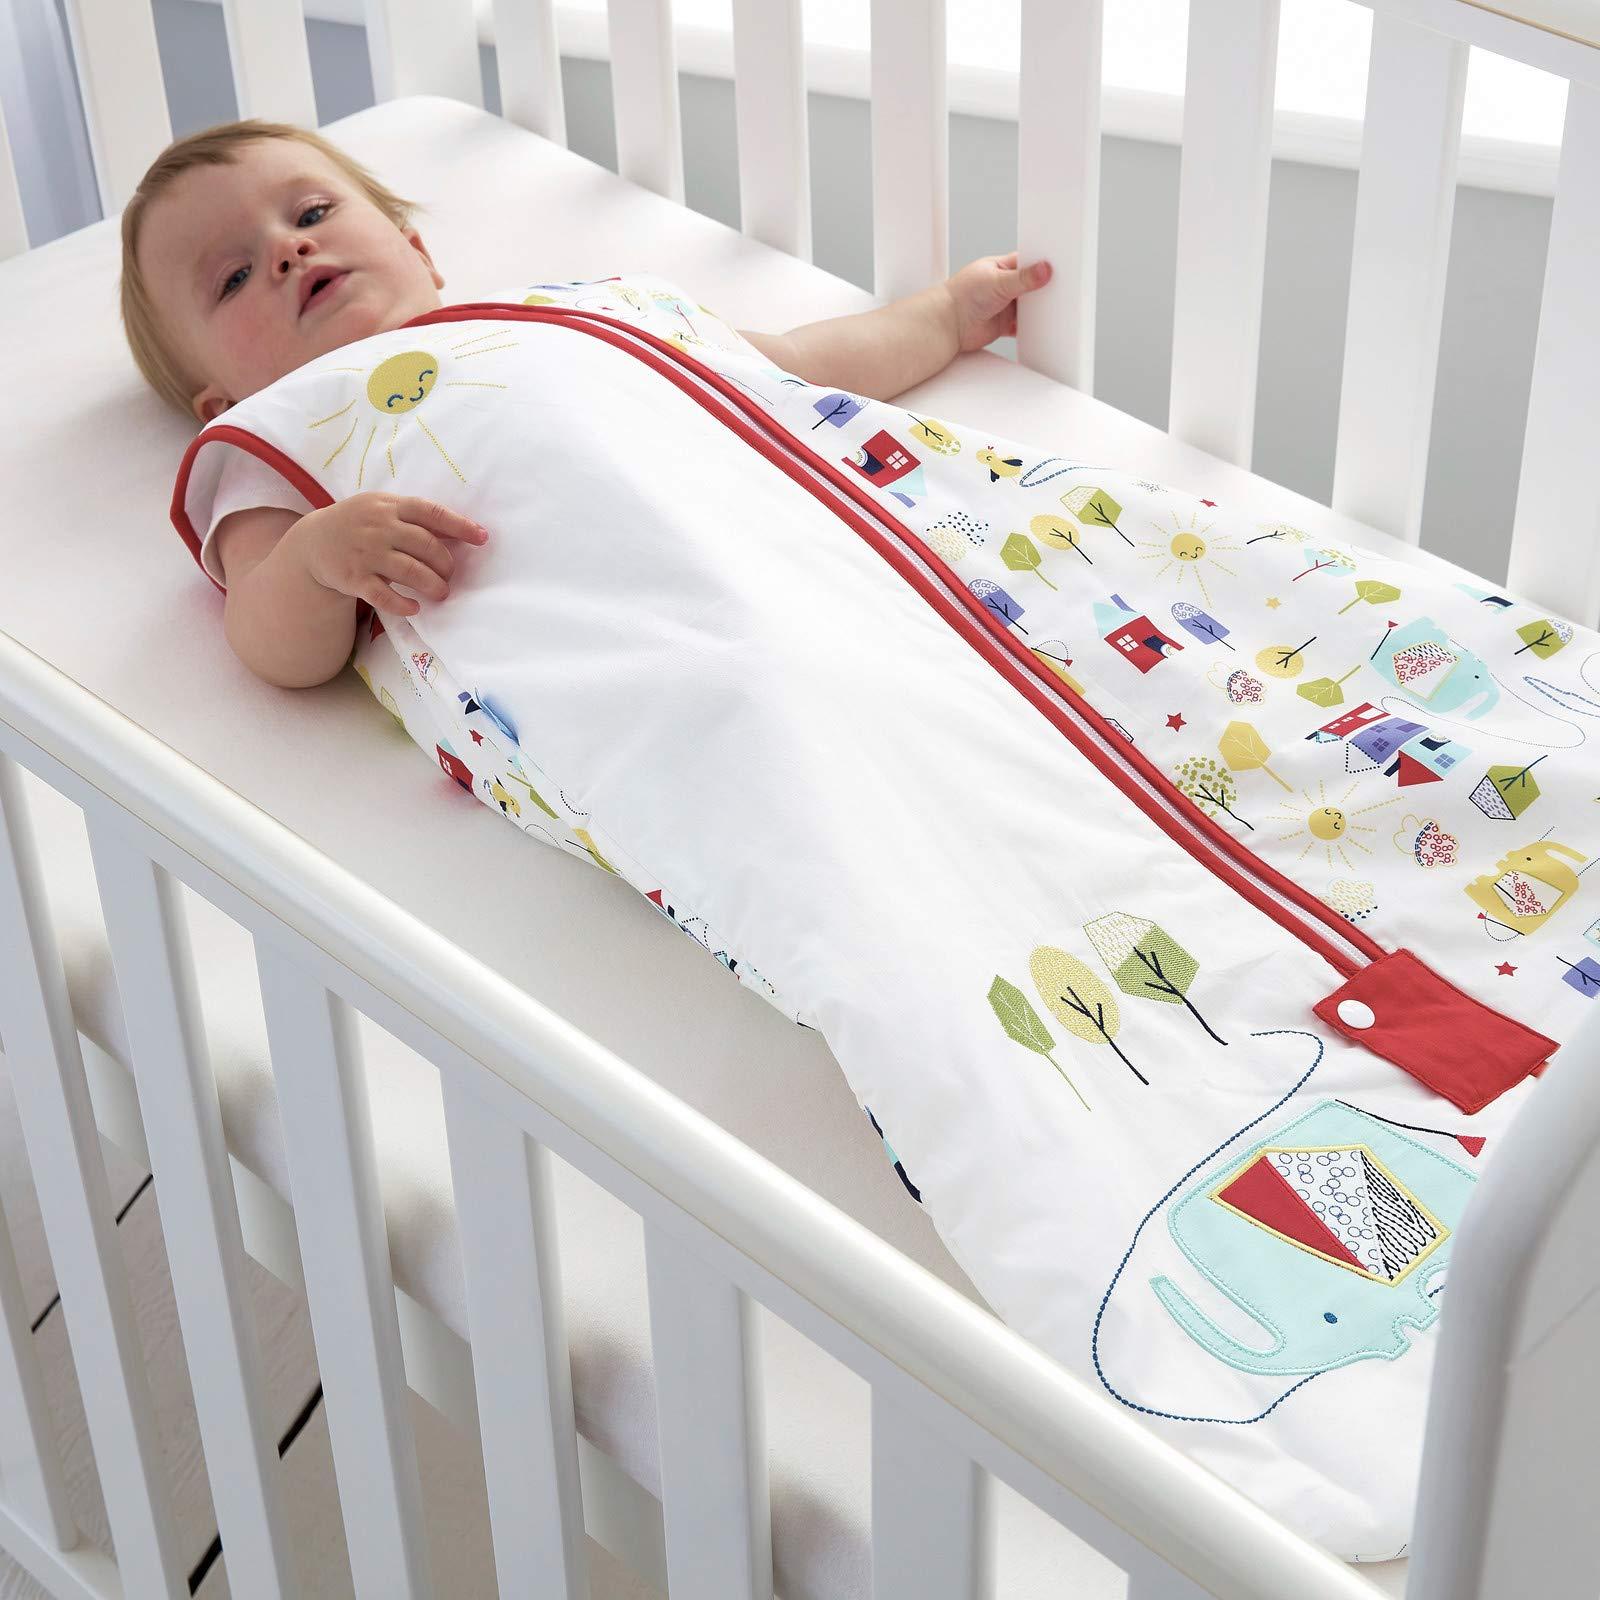 2,5 Tog, 100/% algod/ón, unisex Grobag multicolor Talla:0-6 meses Saco de dormir para beb/é